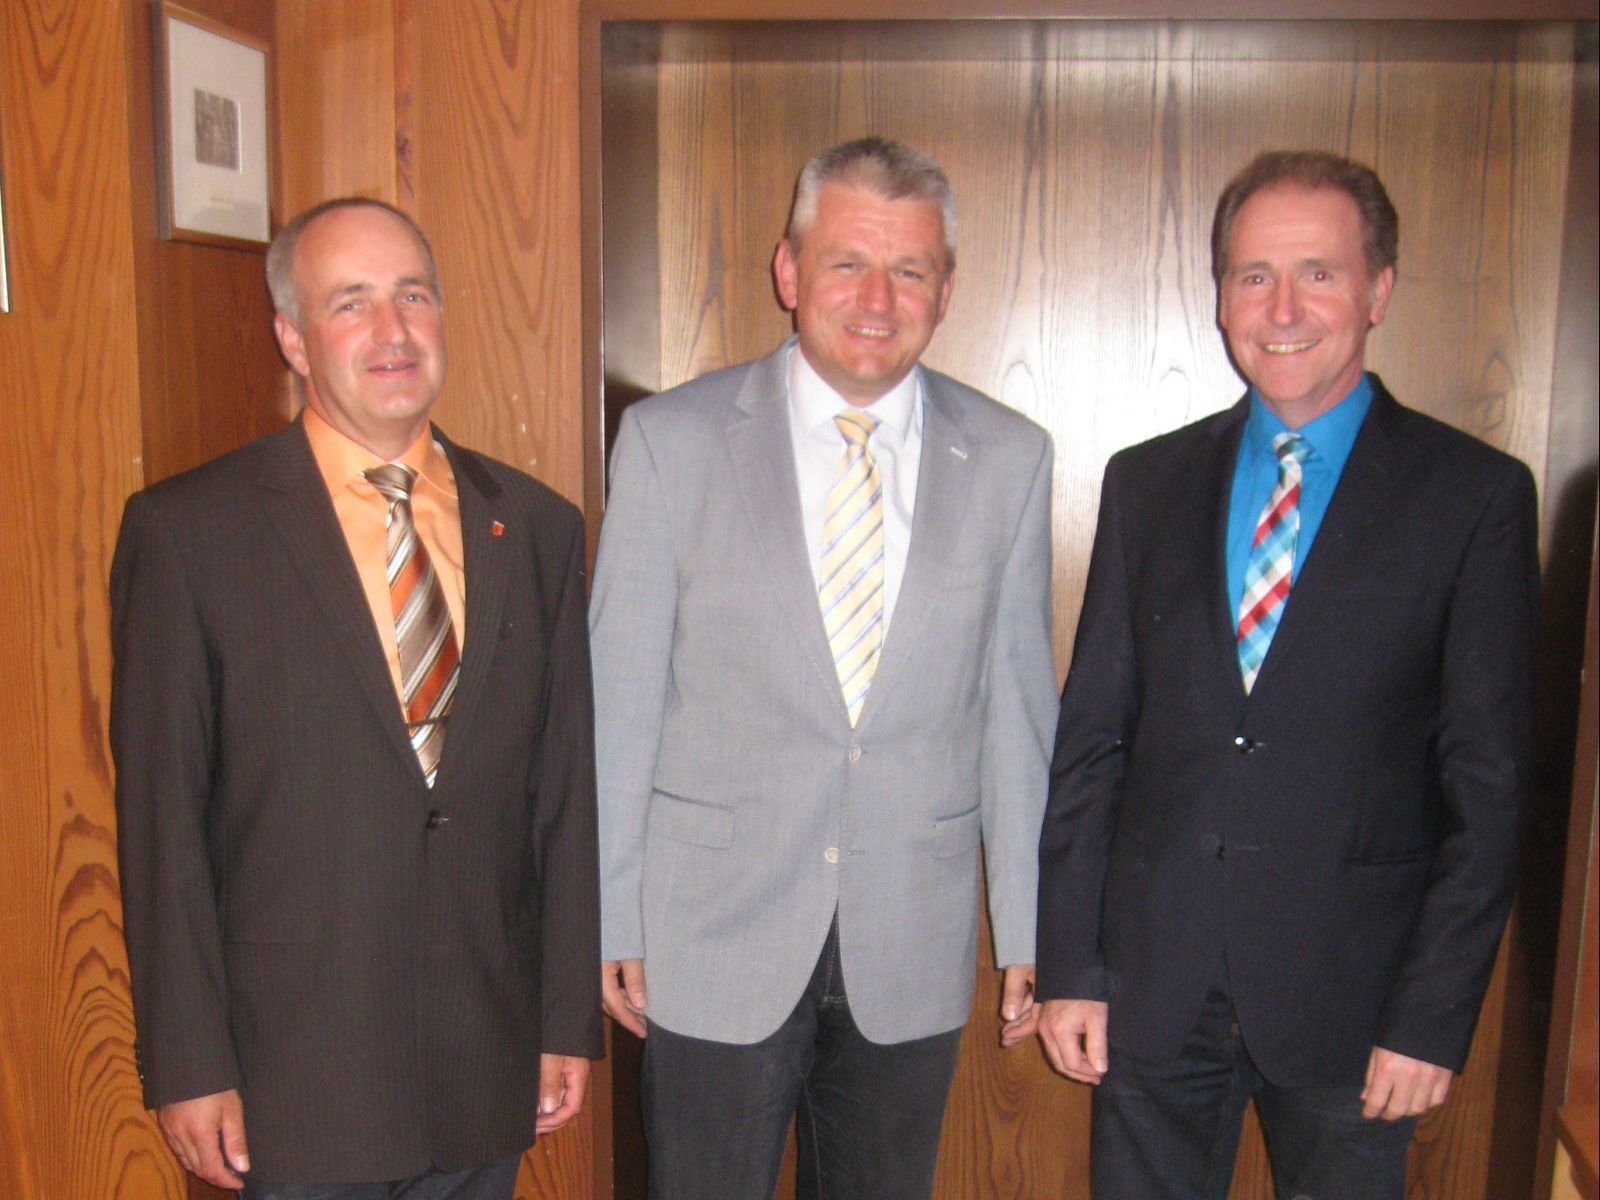 Hartmut Weeber (links) und Jochen Grausam (rechts) unterstützen Bürgermeister Jörg-Michael Teply künftig als ehrenamtliche Bürgermeister-Stellvertreter